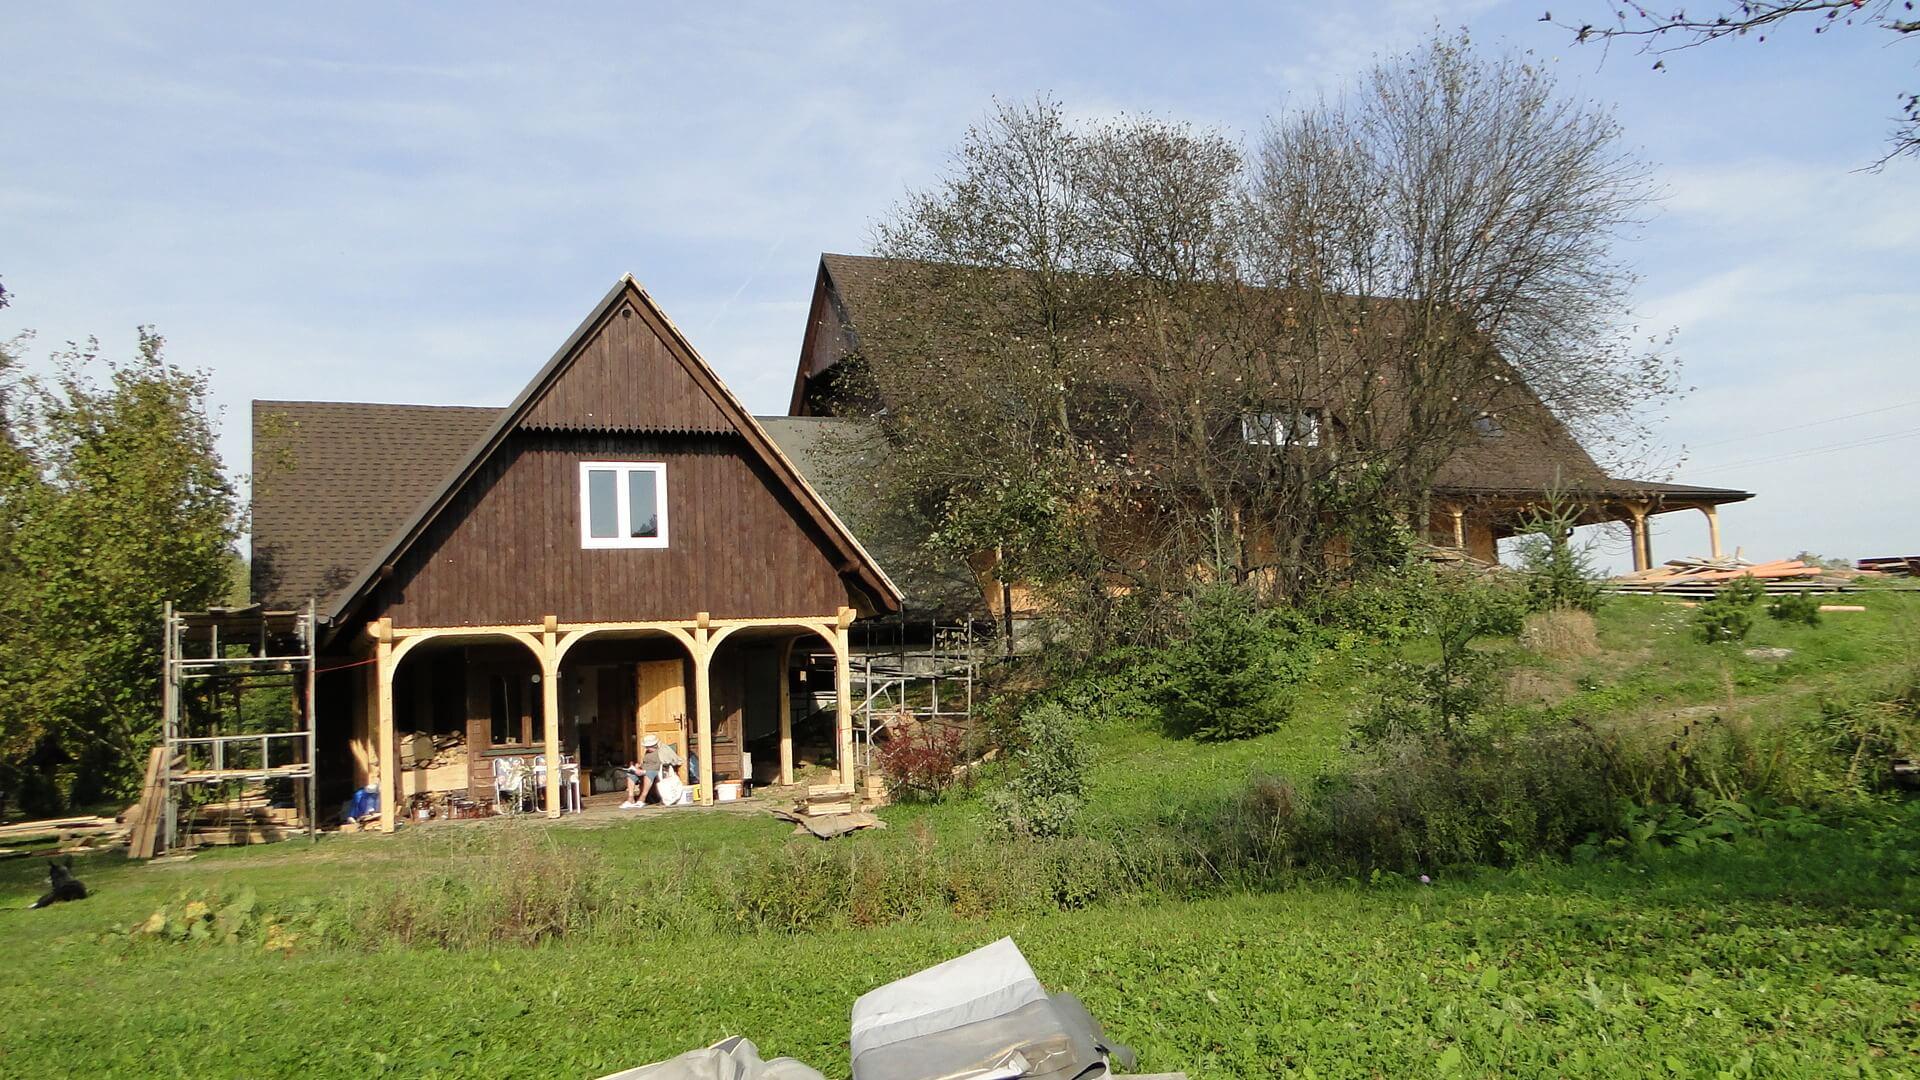 Stare skrzydło naszej chaty odnowione! 1